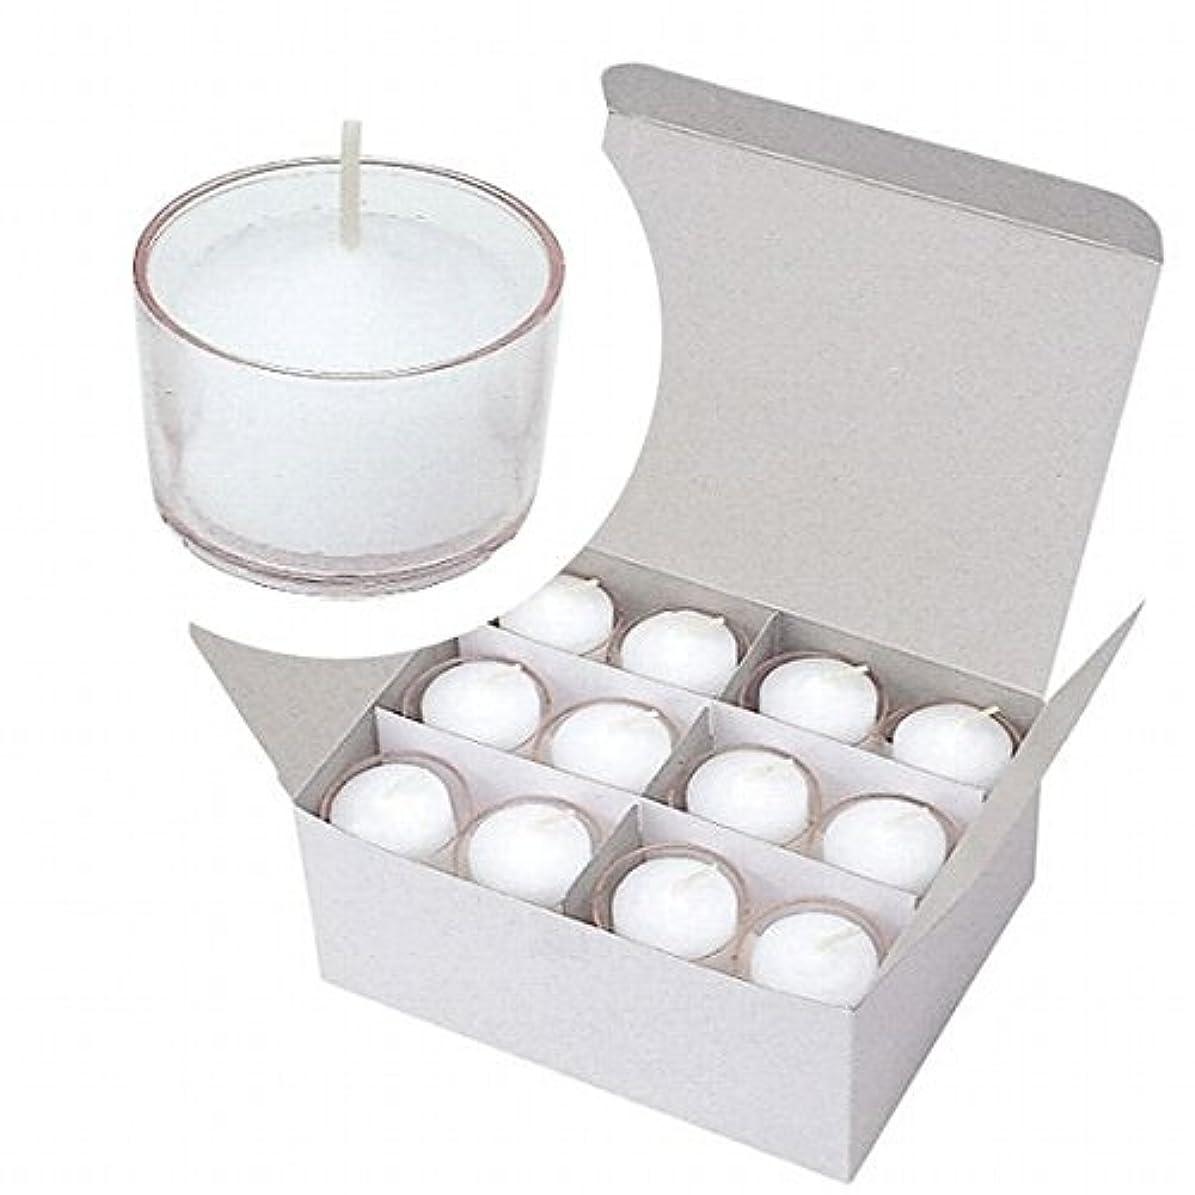 カメヤマキャンドル(kameyama candle) クリアカップボーティブ4時間タイプ 24個入り 「 クリア 」